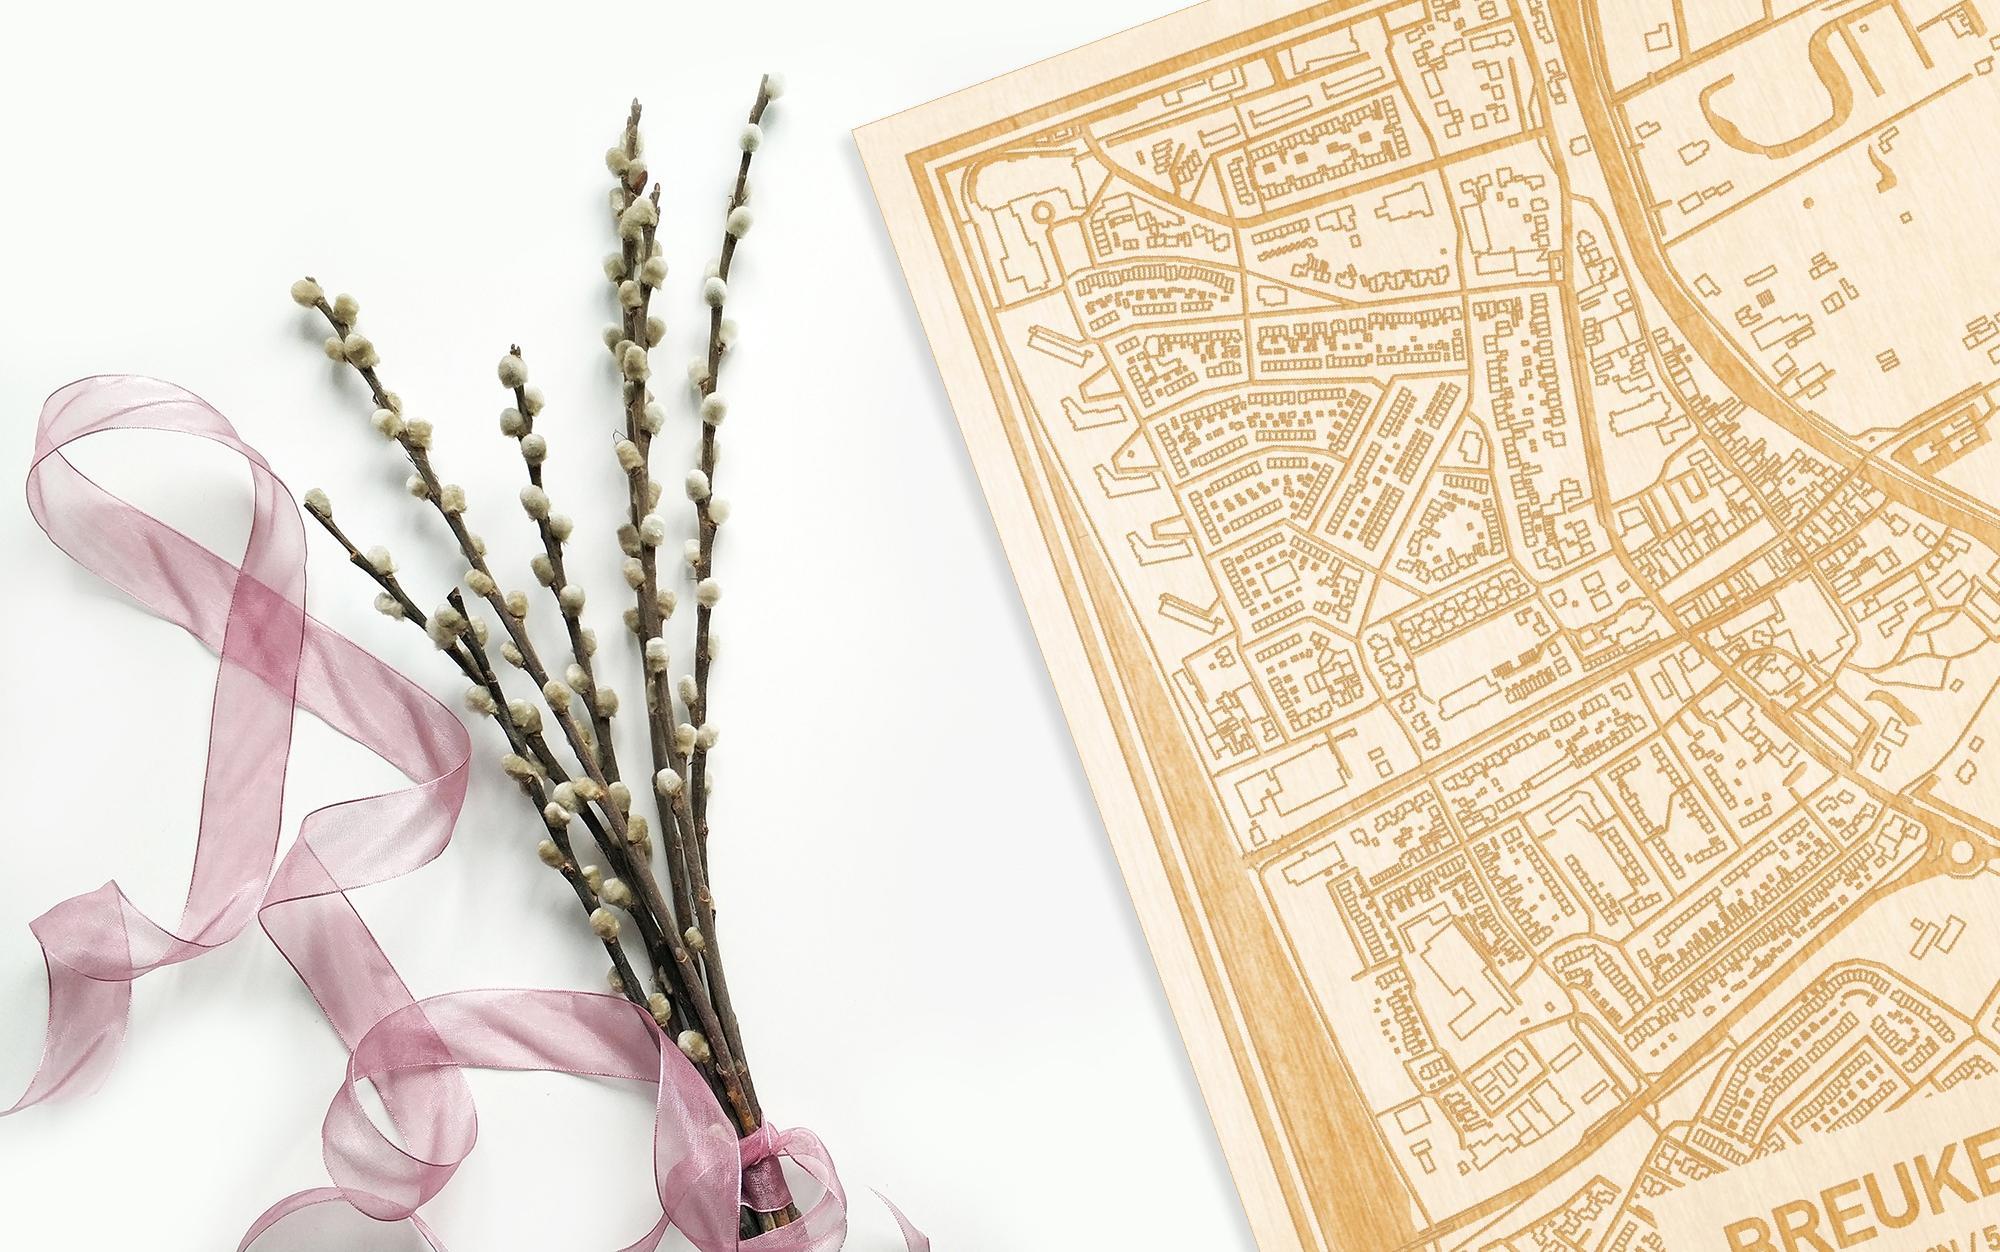 Hier ligt de houten plattegrond Breukelen naast een bloemetje als gepersonaliseerd cadeau voor haar.